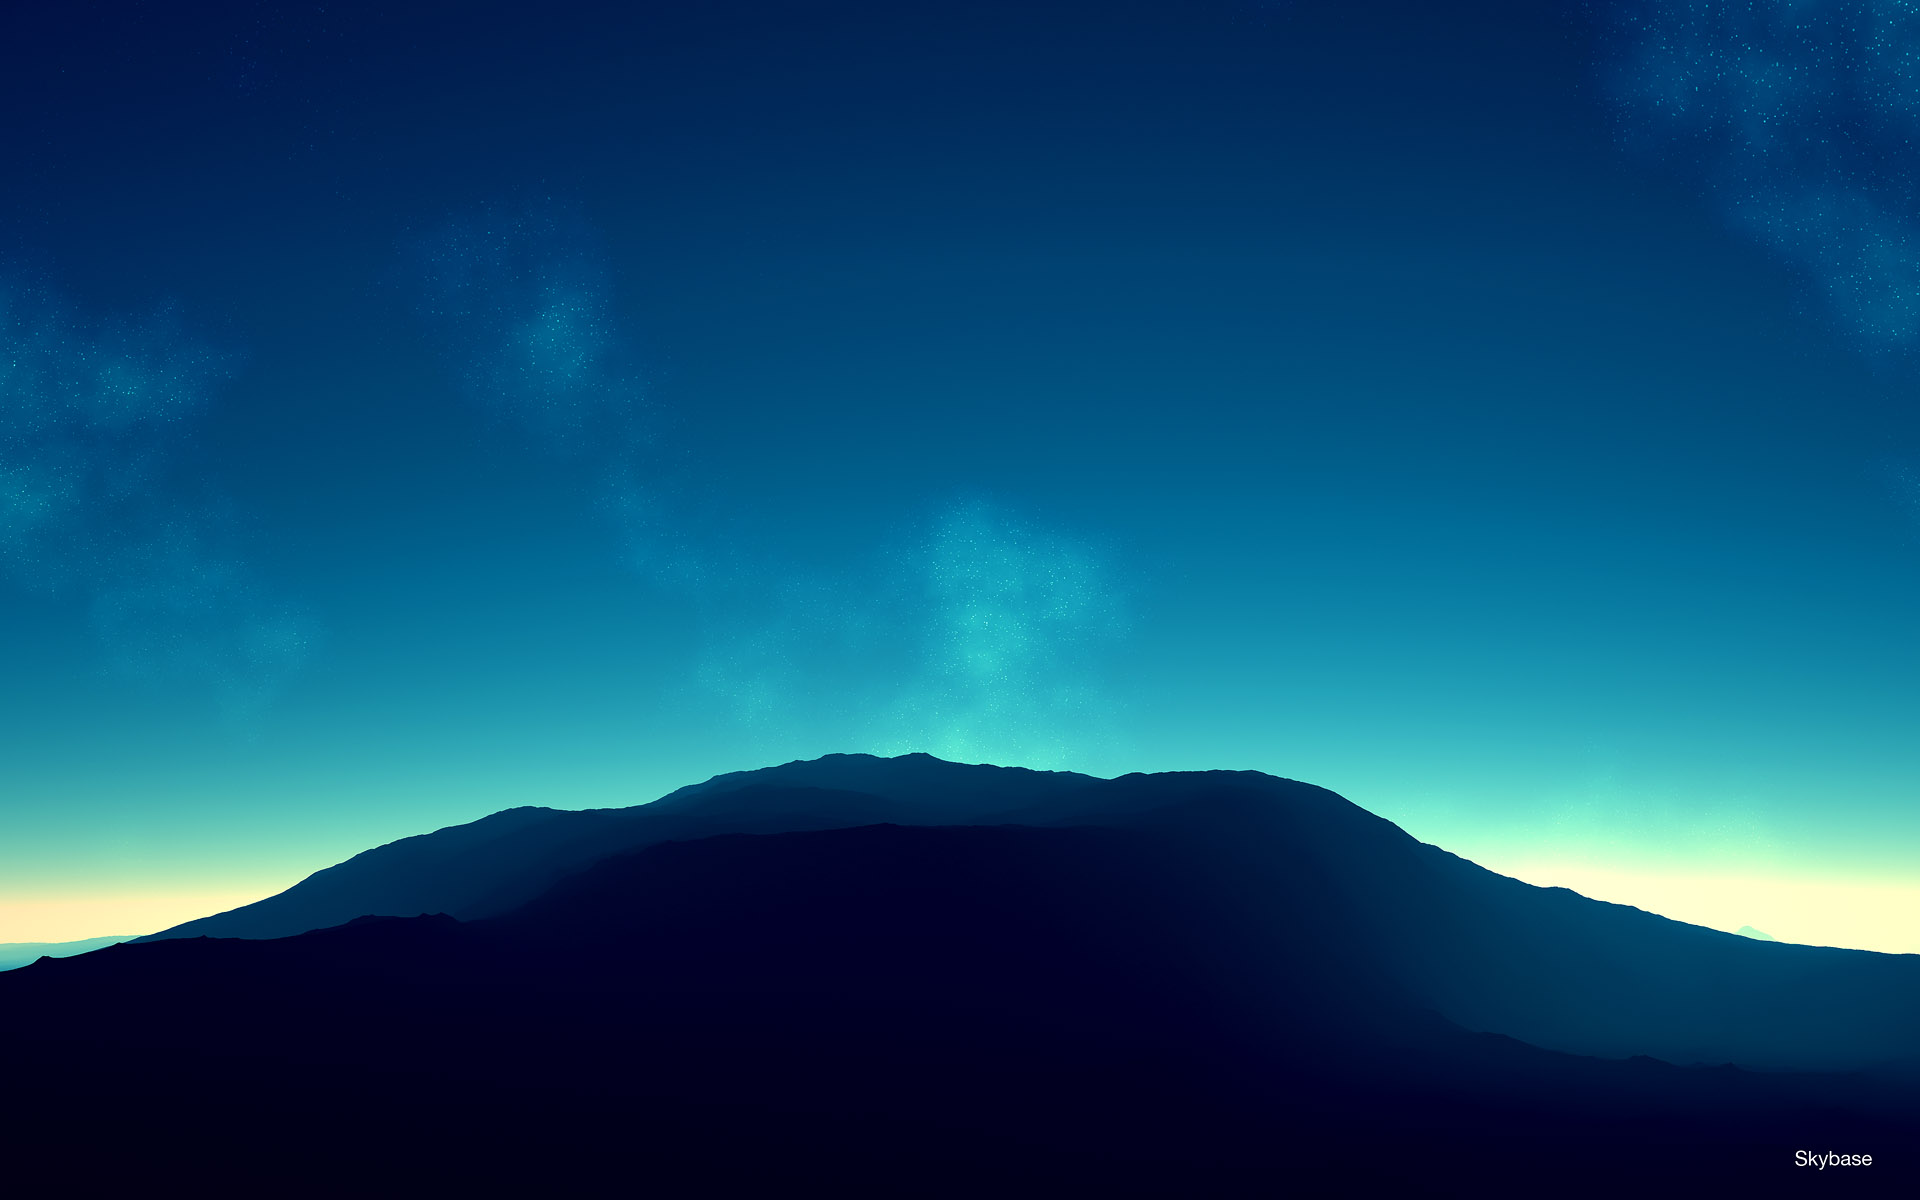 Montañas en el horizonte - 1920x1200